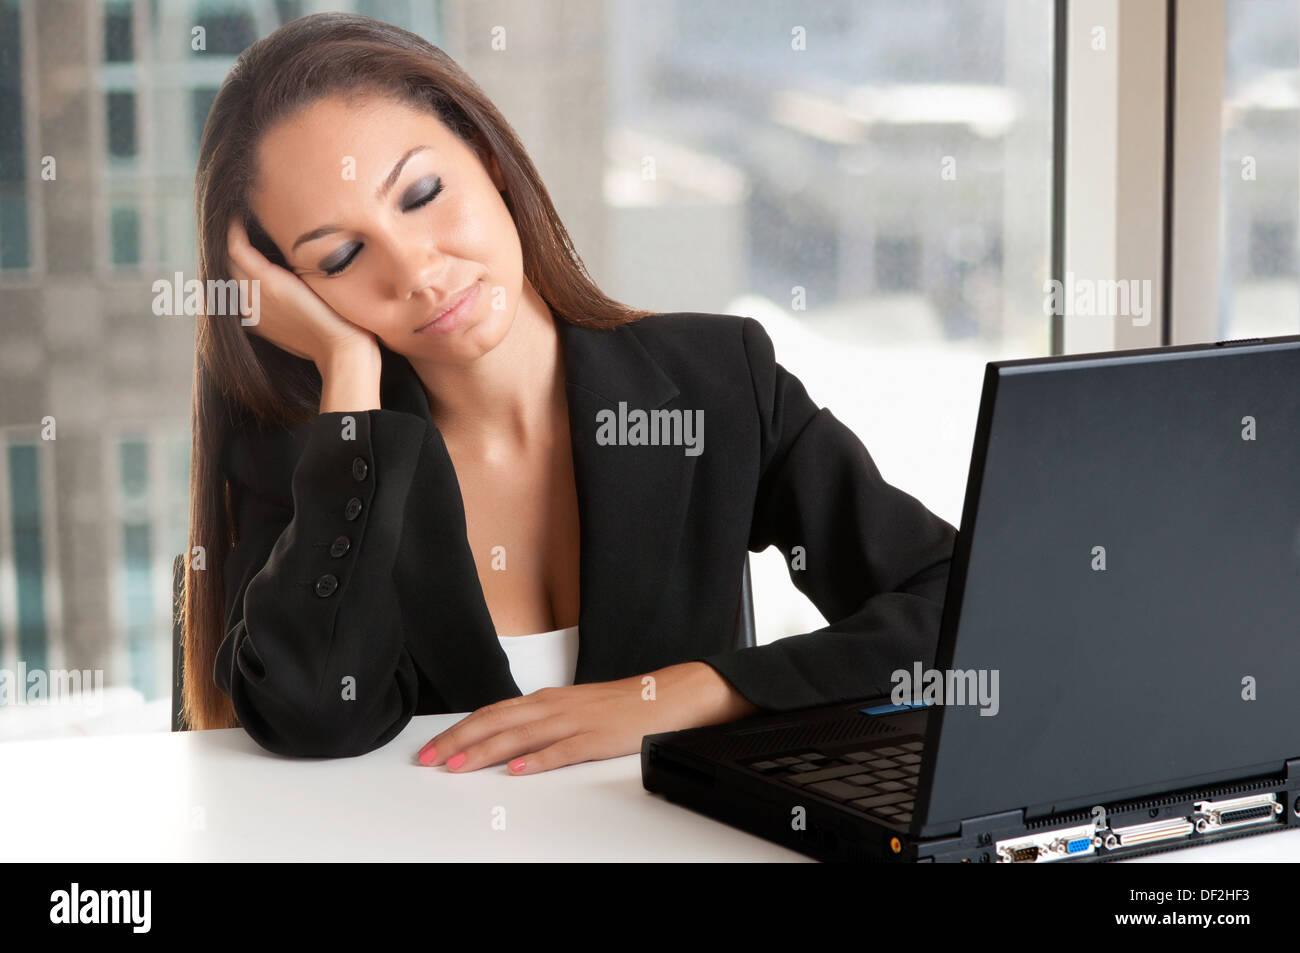 La empresaria estaba sentada en su pupitre cansada y soñolienta en una oficina. Imagen De Stock